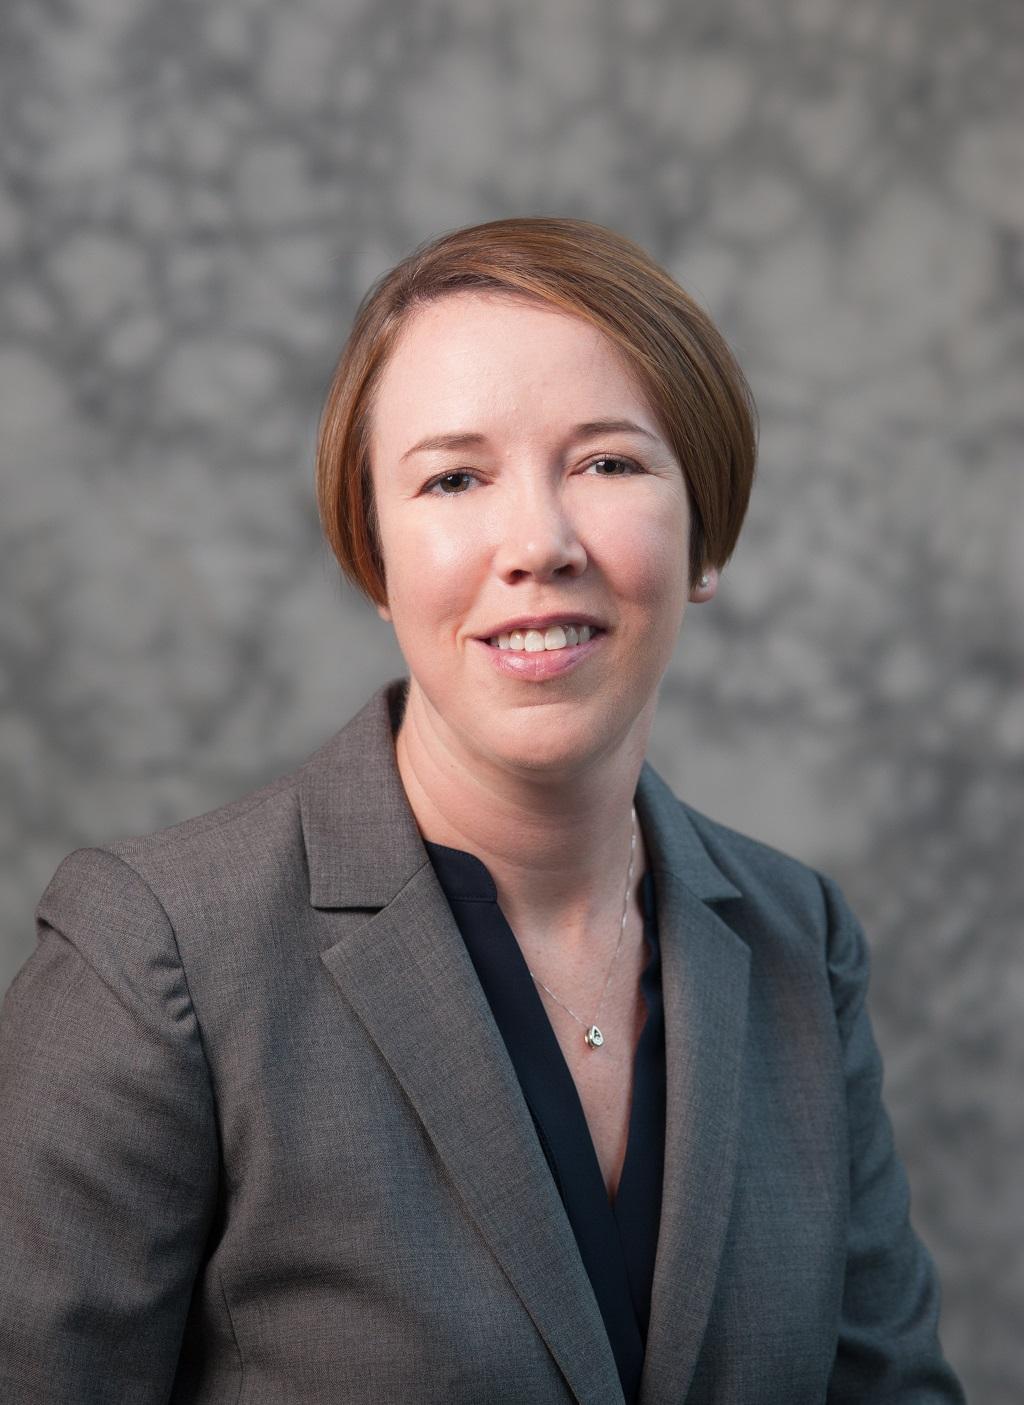 Dr. Laura Gibbs